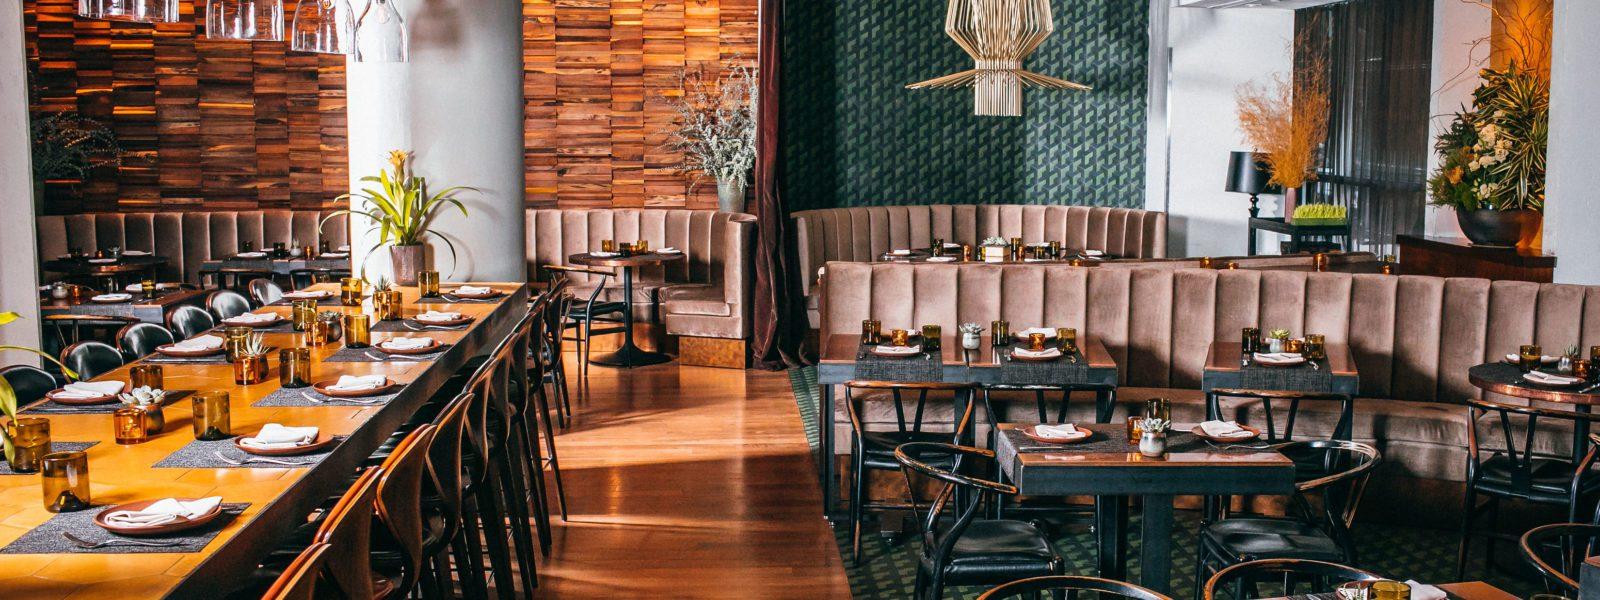 Restaurant interior showing architectural elements.